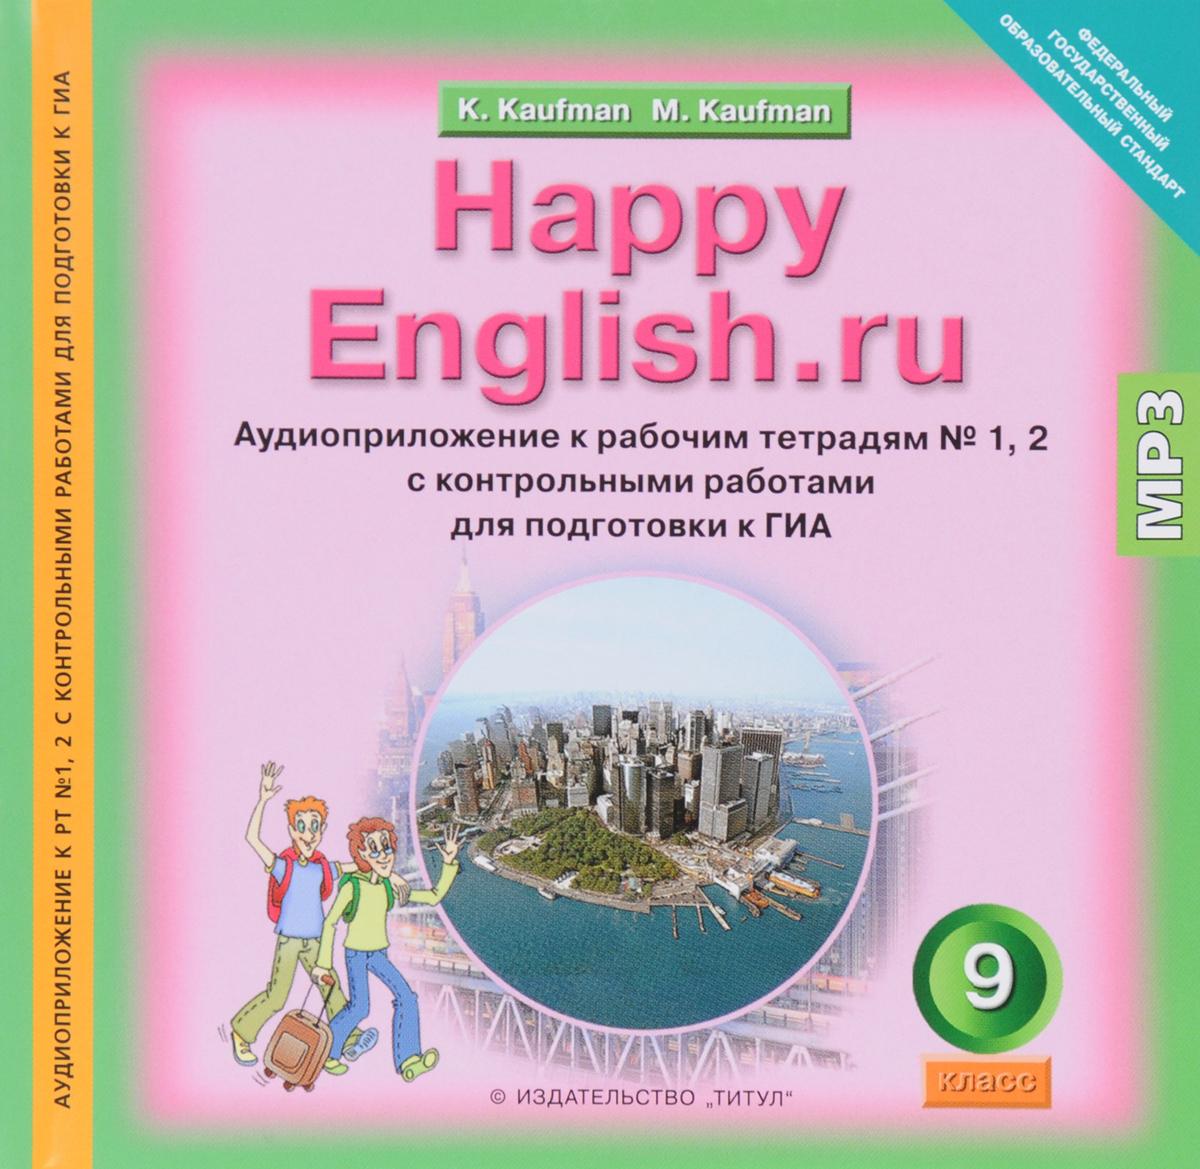 Happy English.ru 9 / Английский язык. 9 класс (аудиокурс MP3) комендантский д 9 к 2